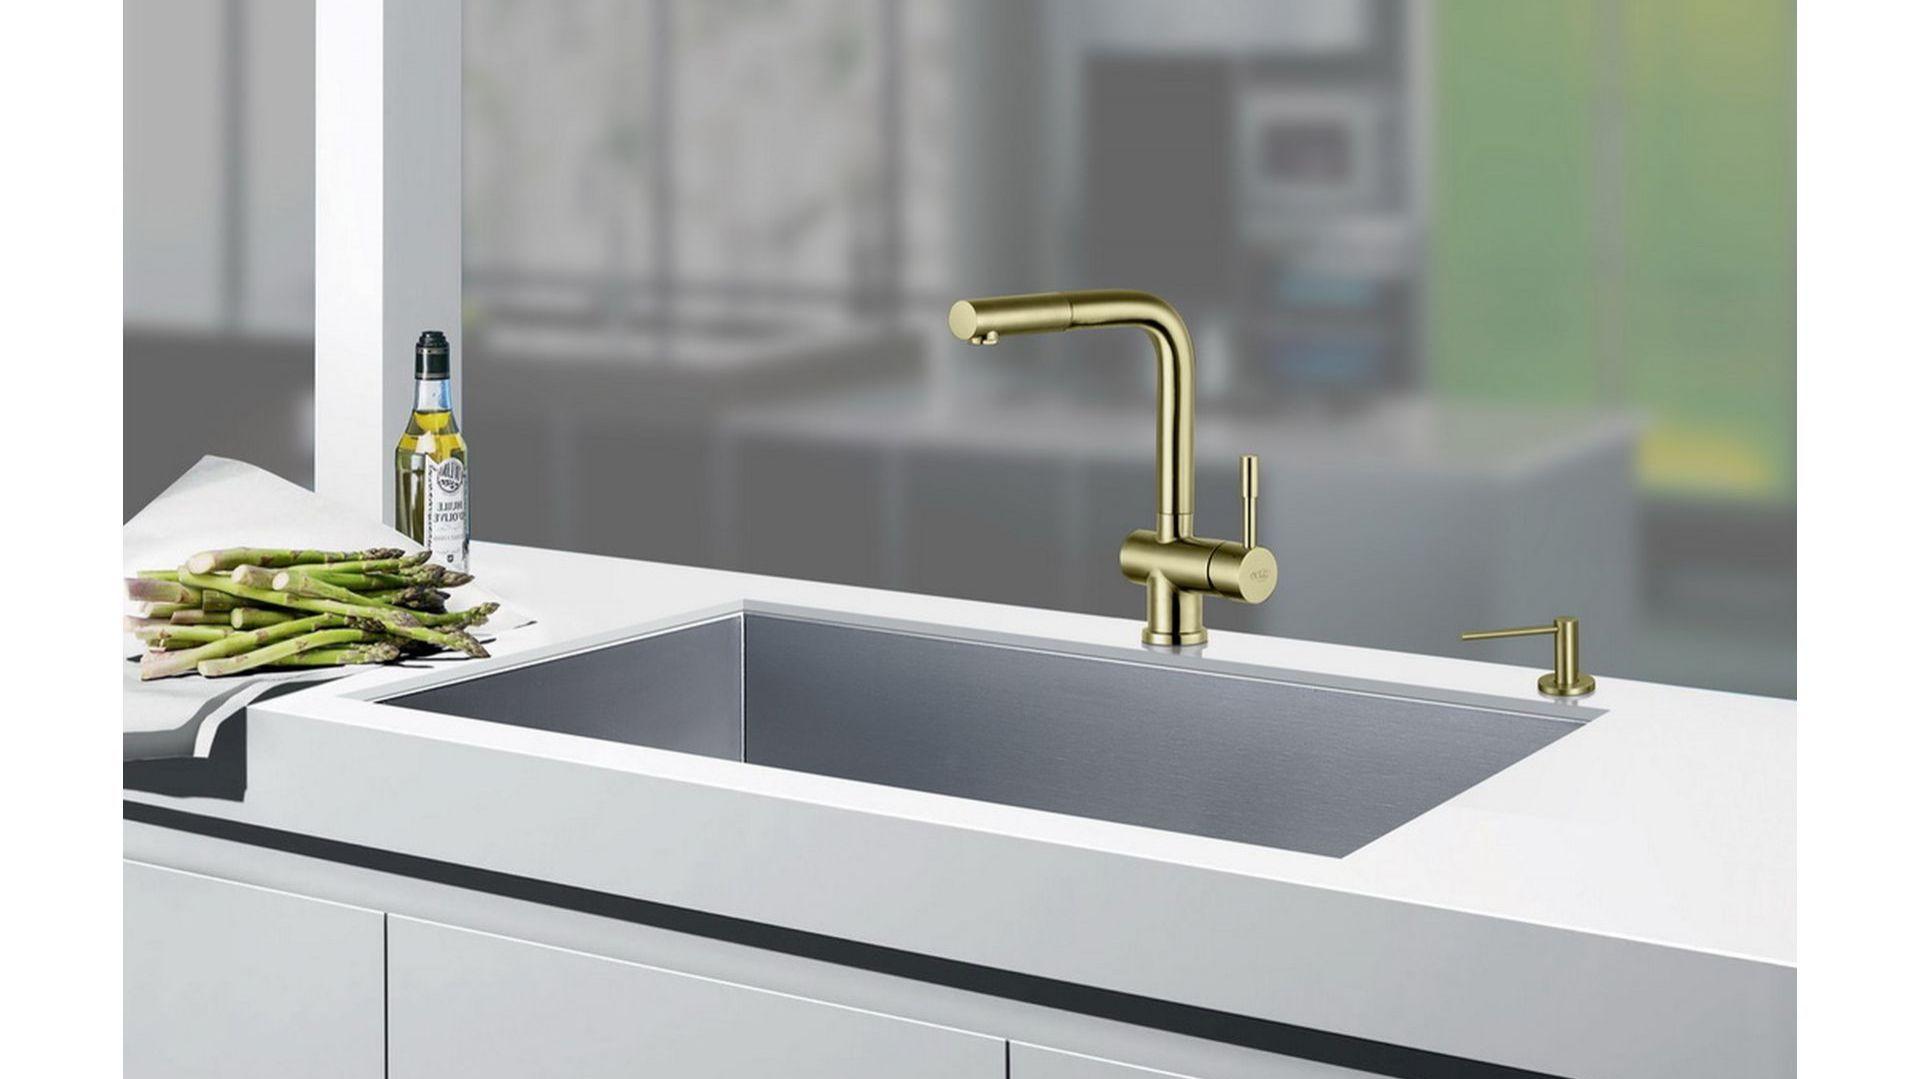 Corsa Inox Złoto Szampańskie/Blue Water. Produkt zgłoszony do konkursu Kuchnia - Wybór Roku 2020